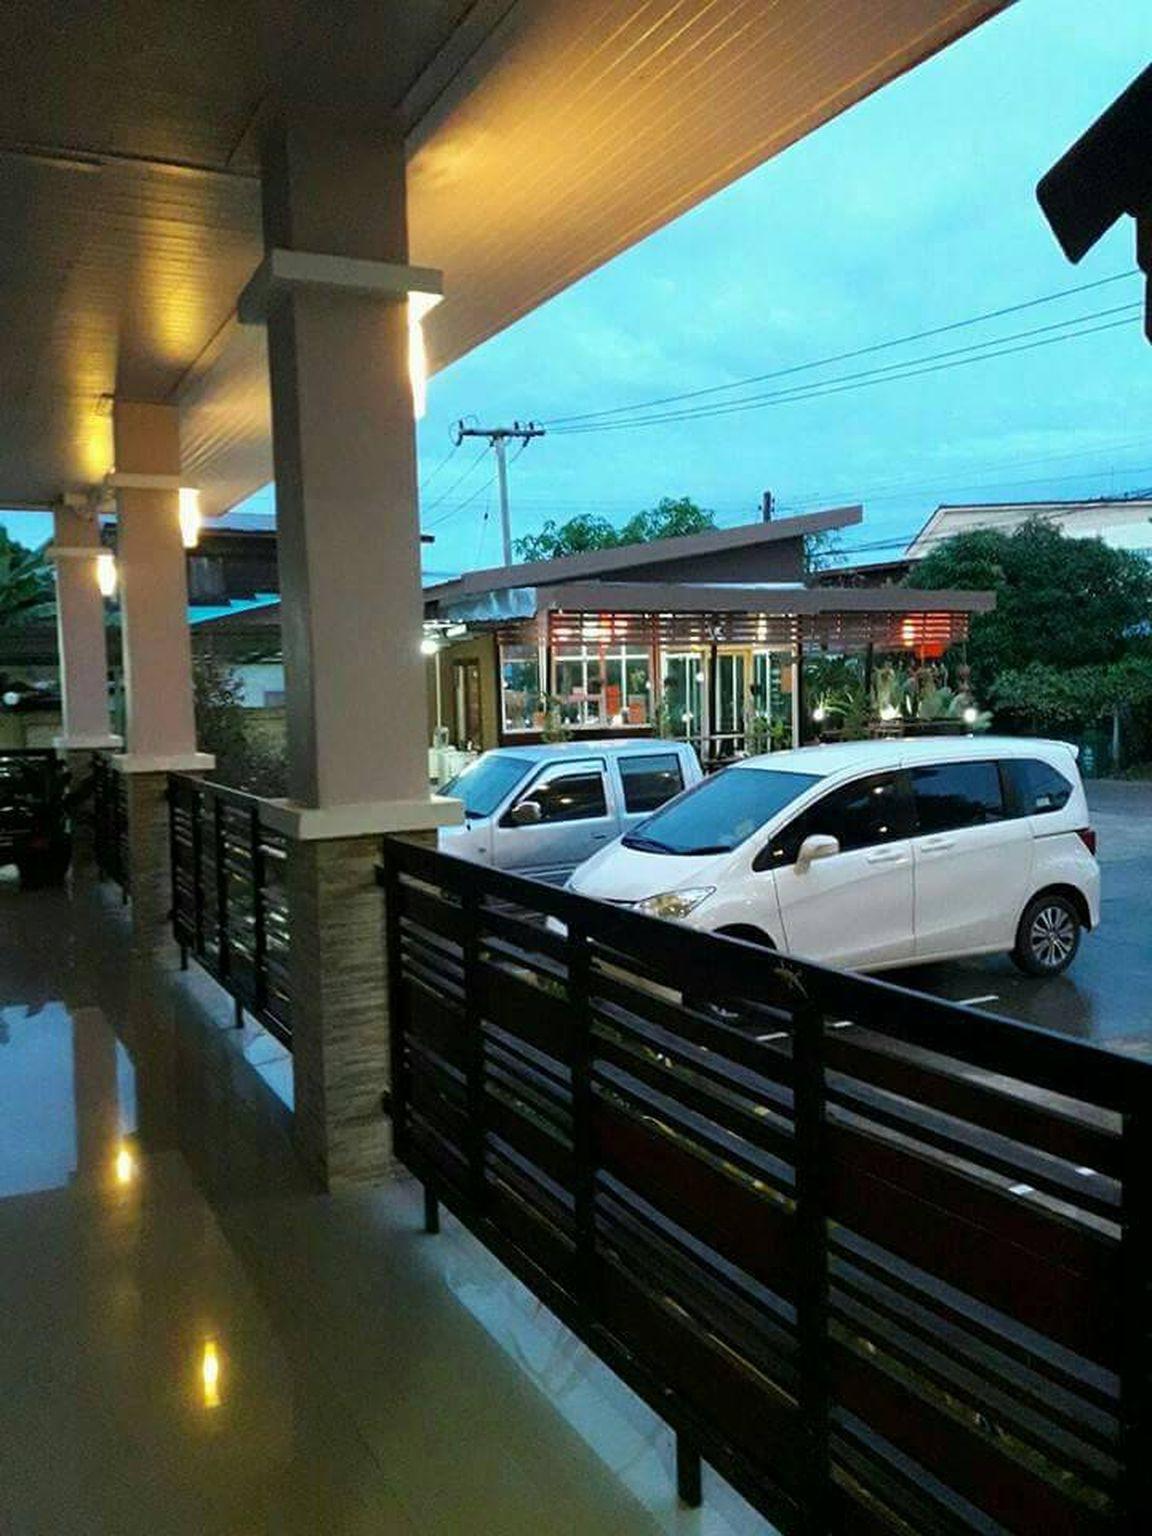 Mgrand hotel, Viengthong